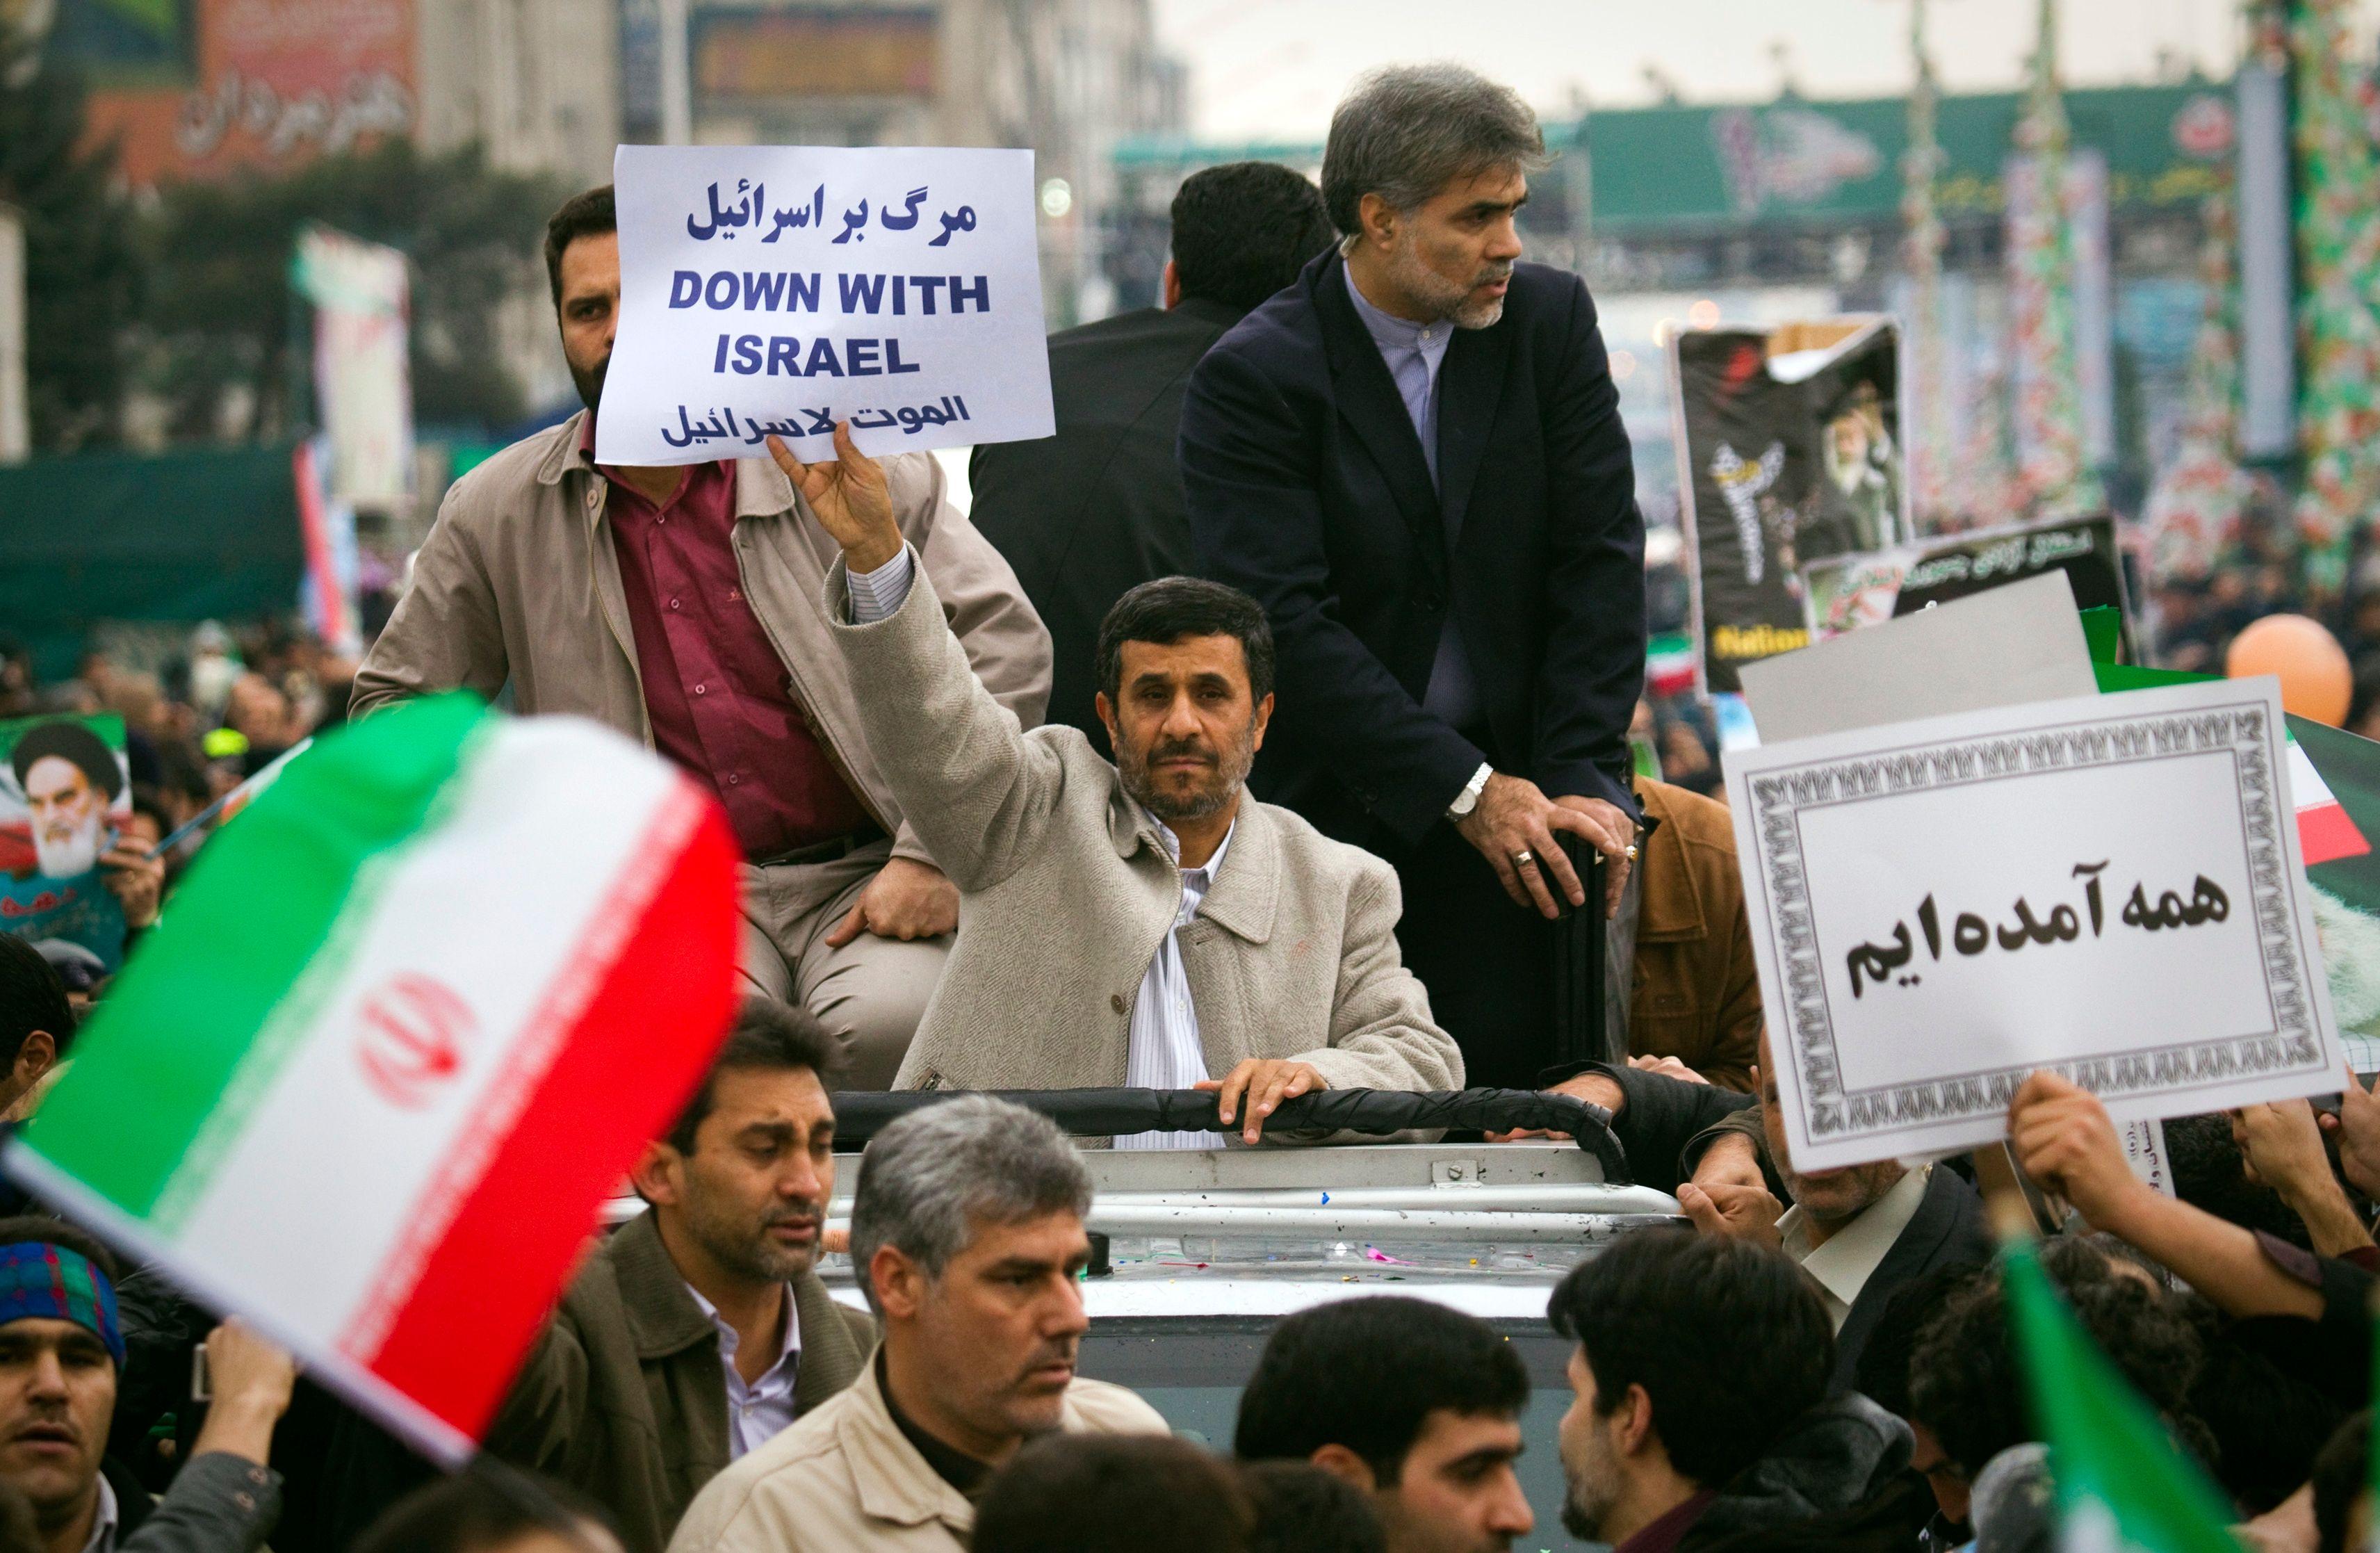 Cet événement est arrivé alors que les Etats-Unis cherchaient à gérer le programme nucléaire iranien